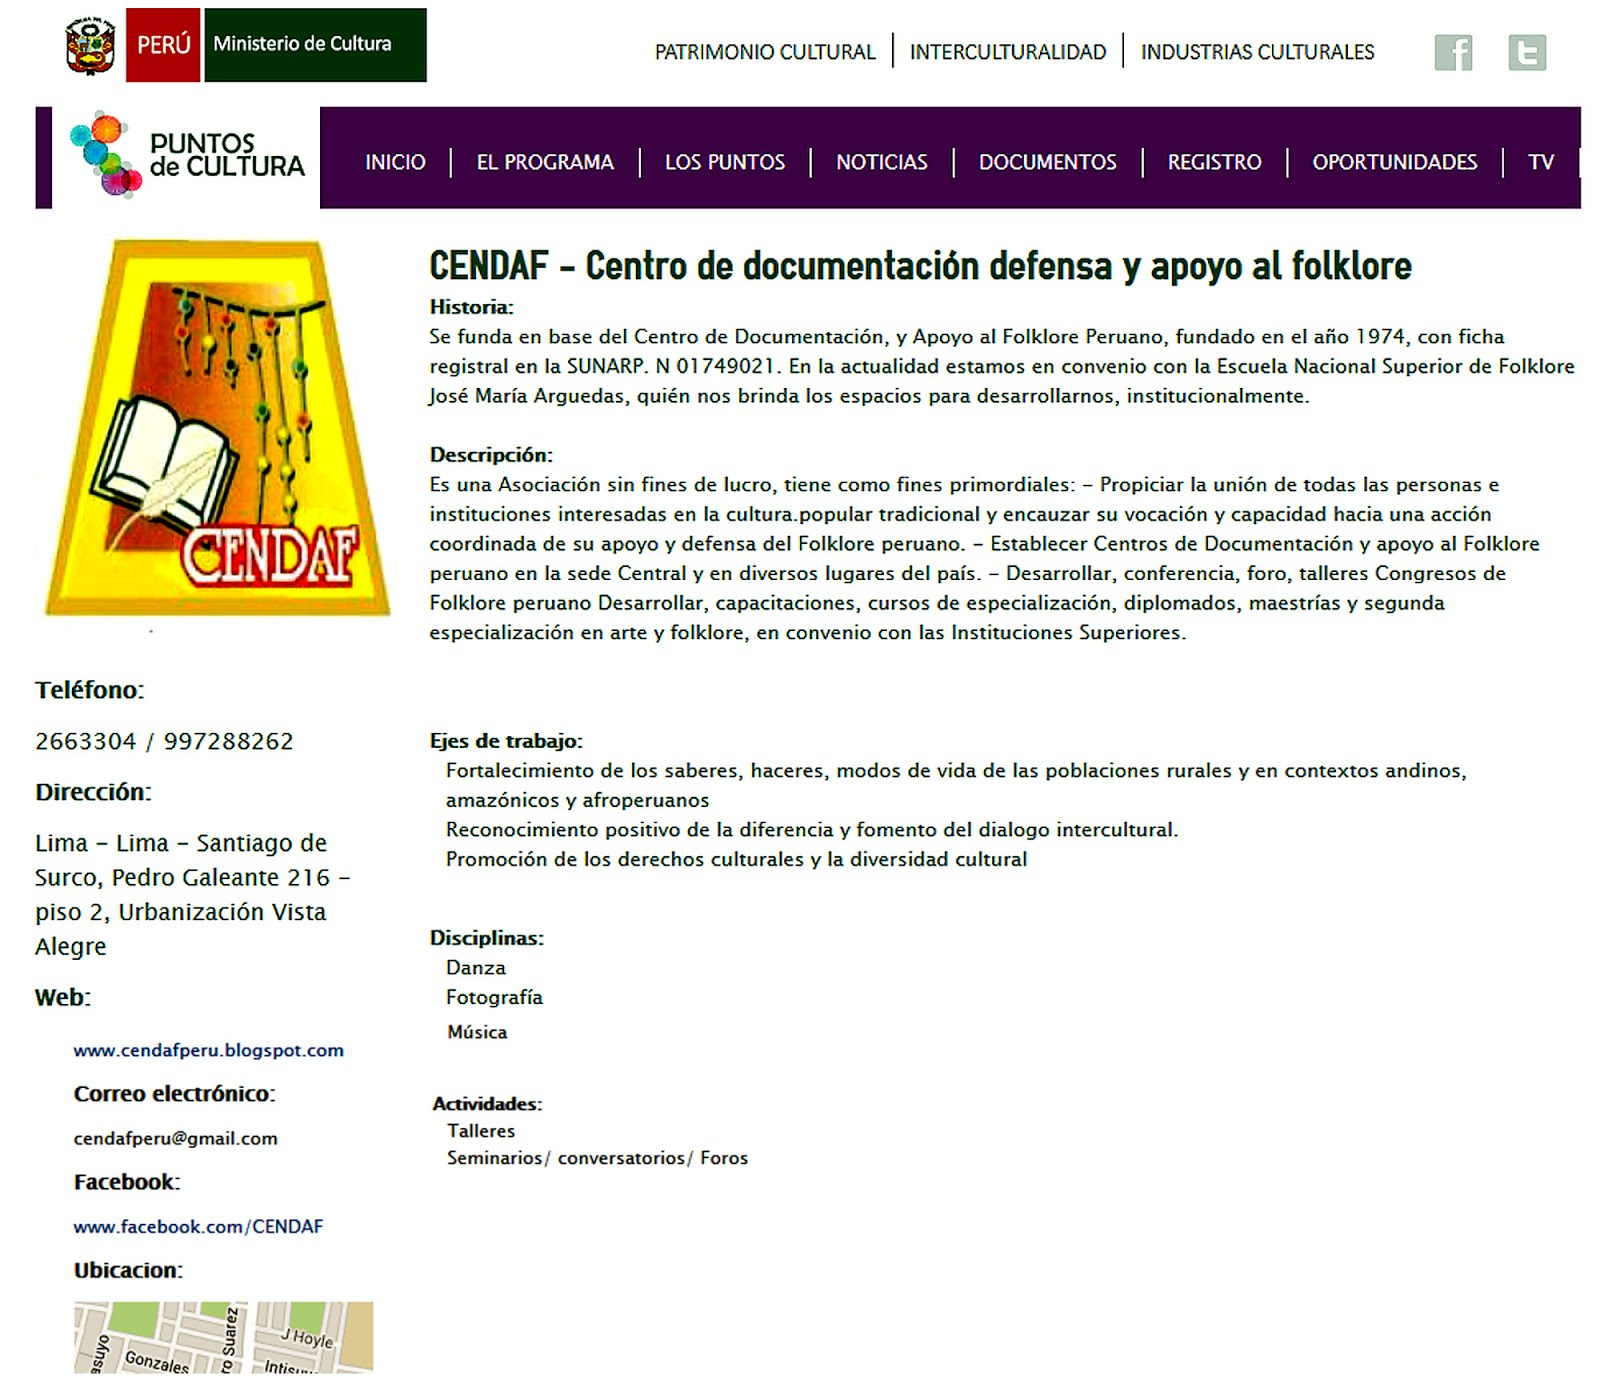 PUNTOS DE CULTURA DEL MINISTERIO DE CULTURA PERU